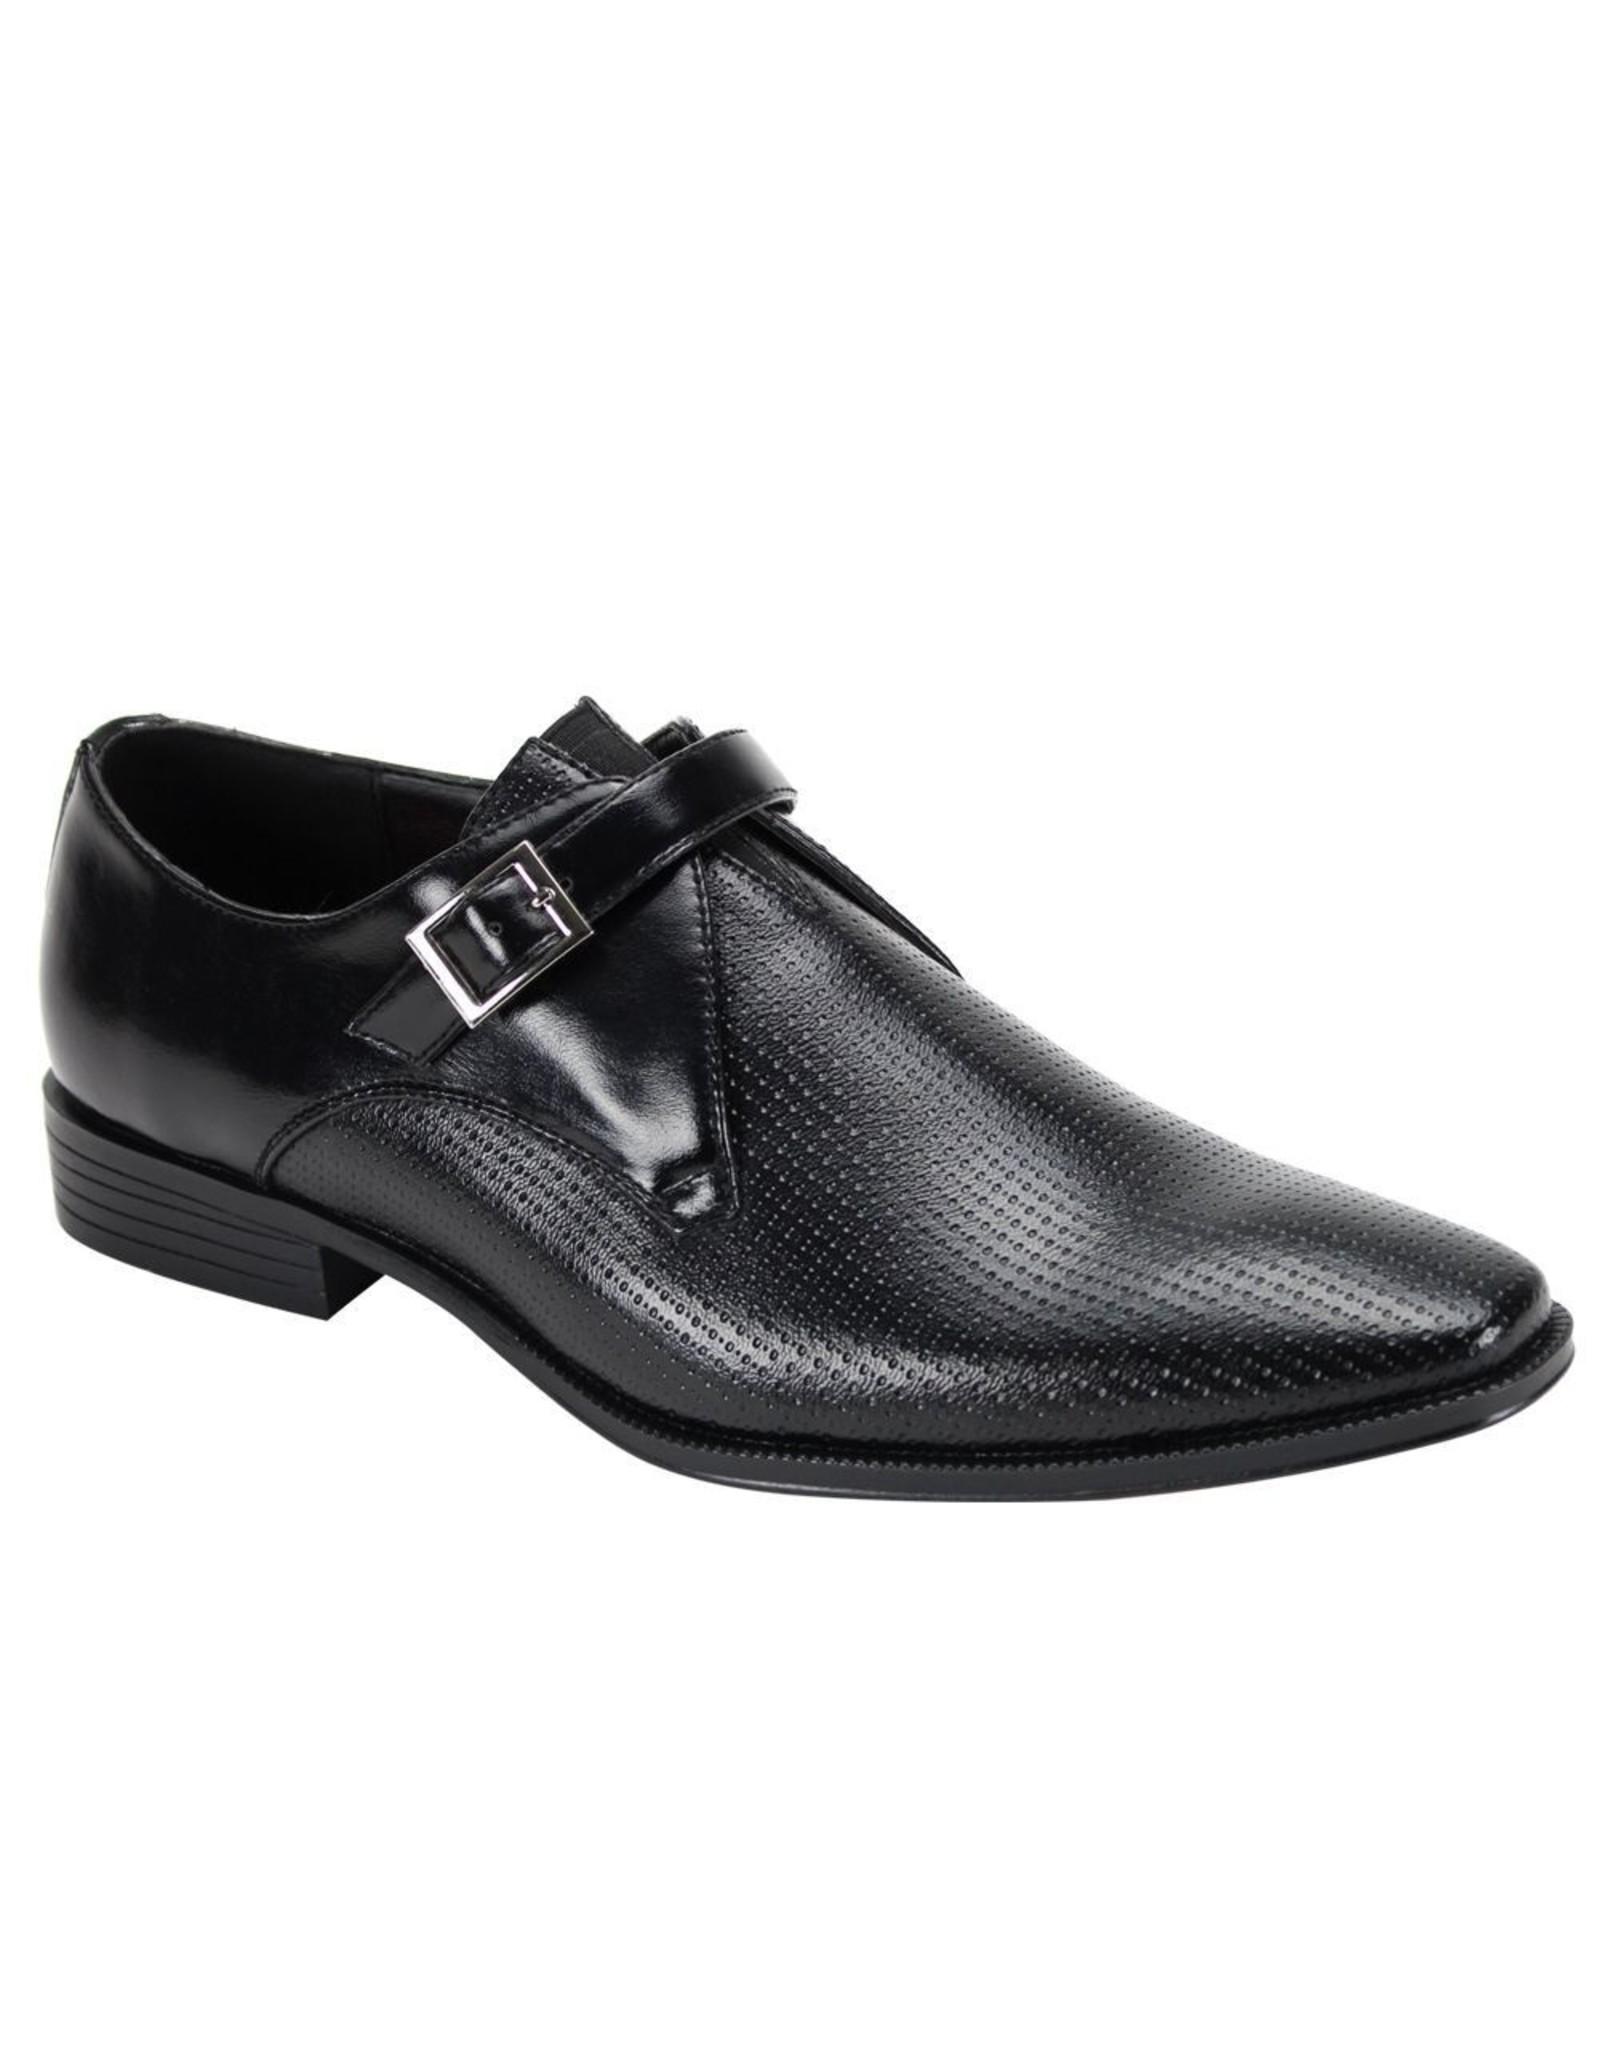 Steven Land Steven Land Dress Shoe - SL0092 Black